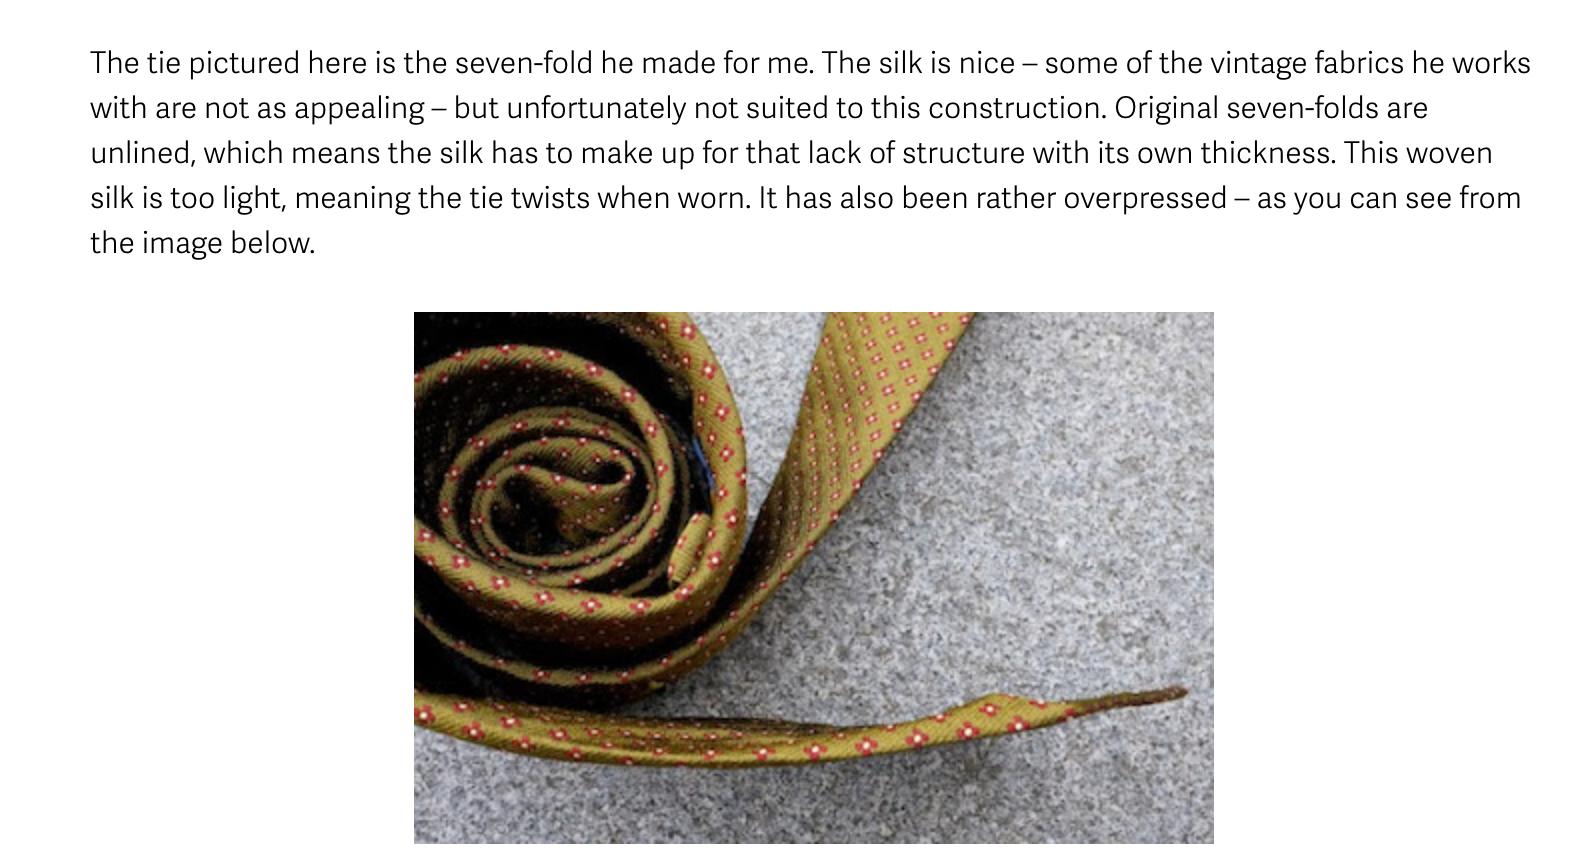 Simone qui se plaint d'avoir récupéré une cravate au tissu non adapté.... par sa faute. (Source: Permanentstyle)